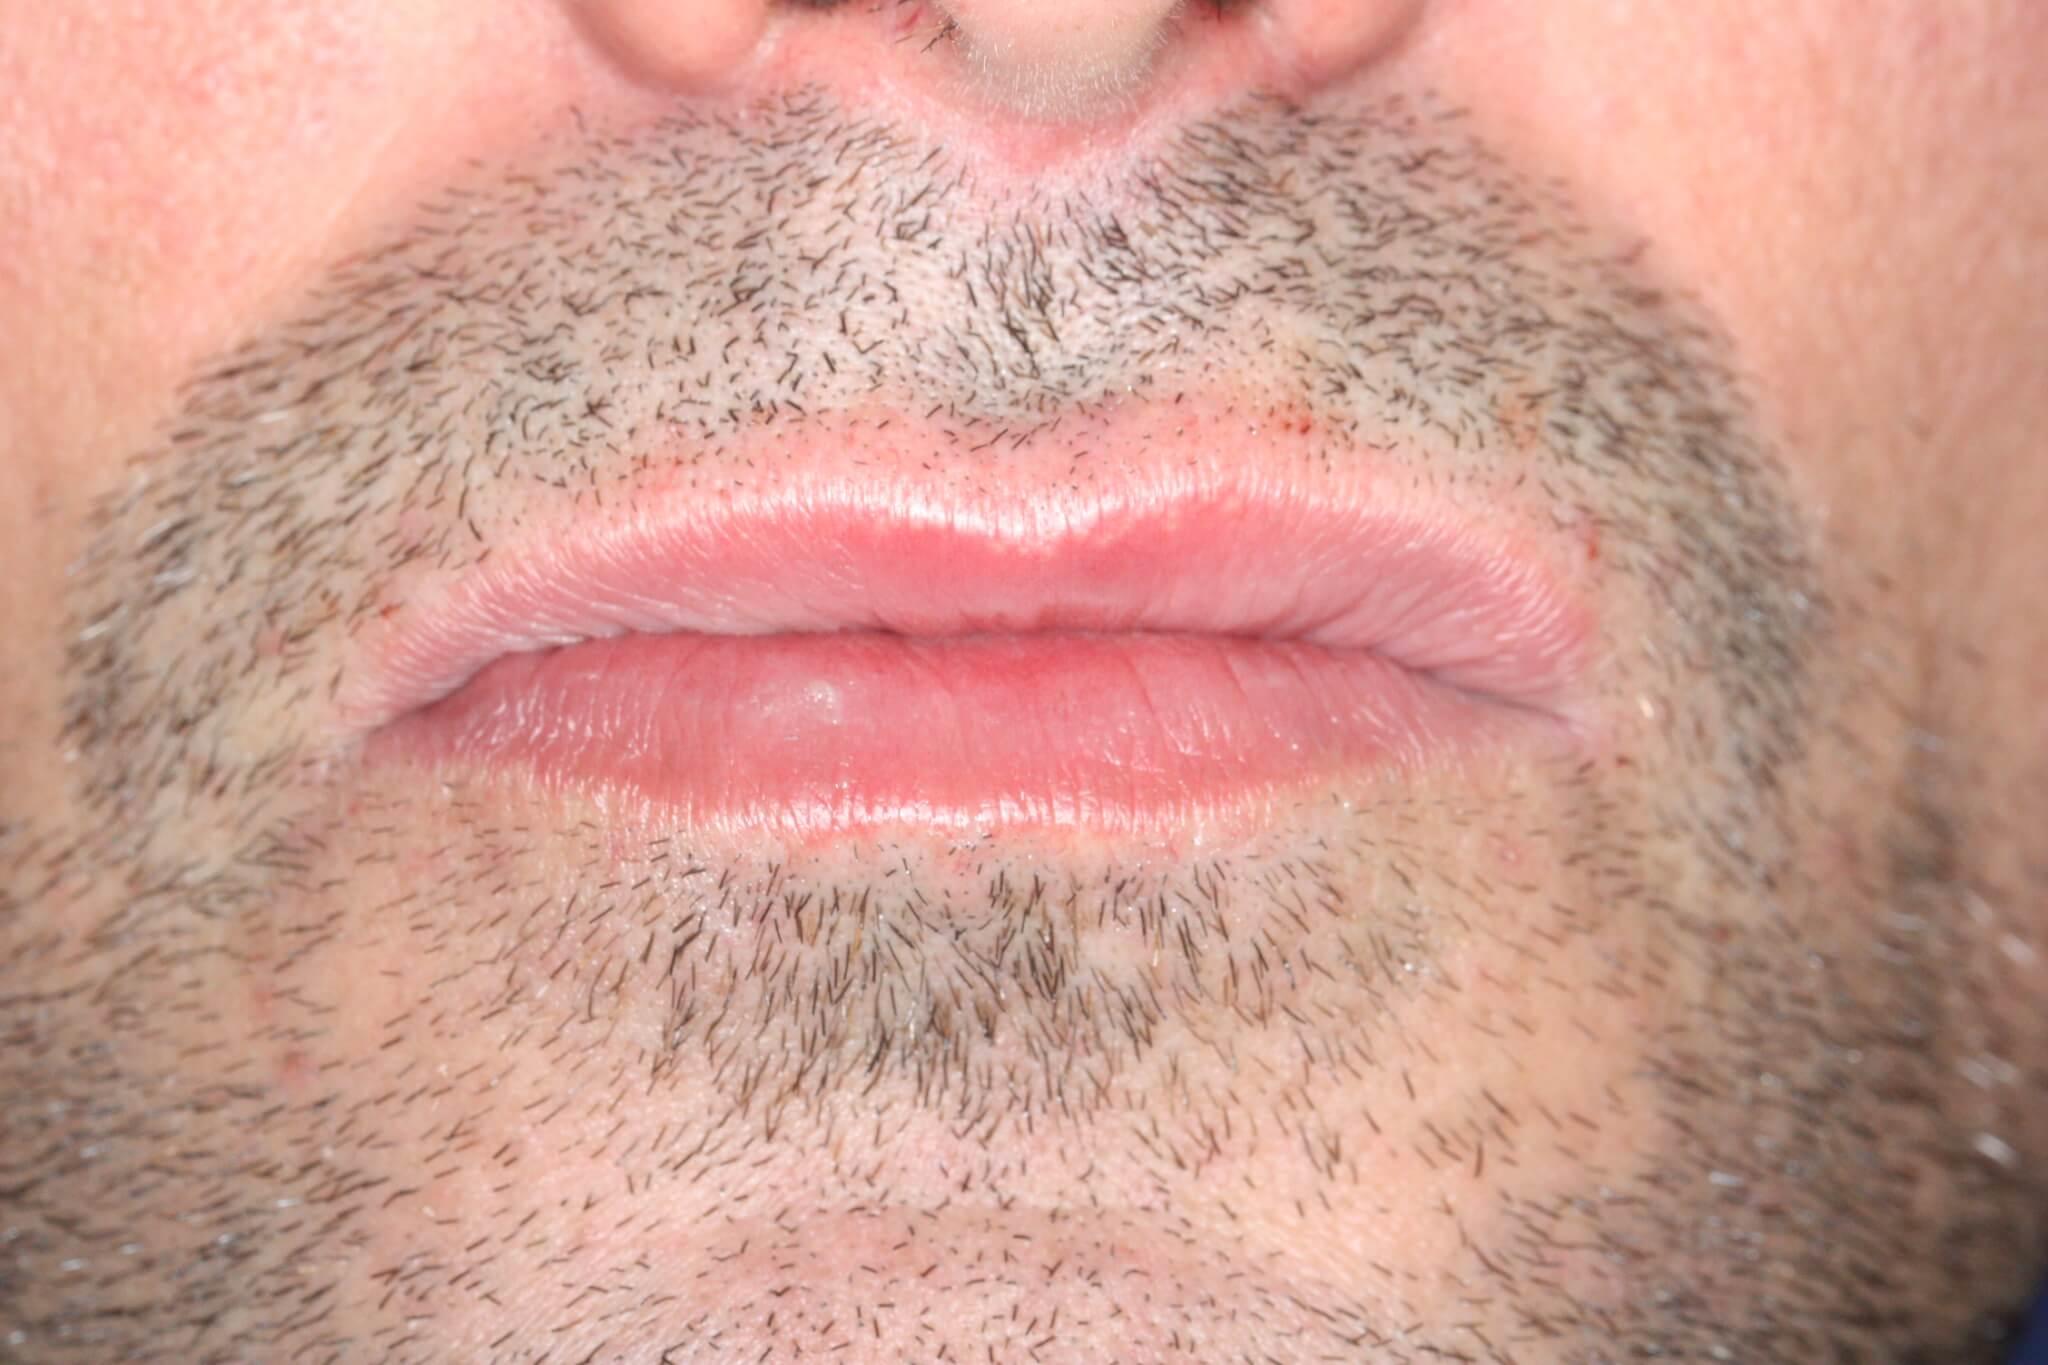 modificacion-de-la-sonrisa-perfilado-de-labios-despues-6